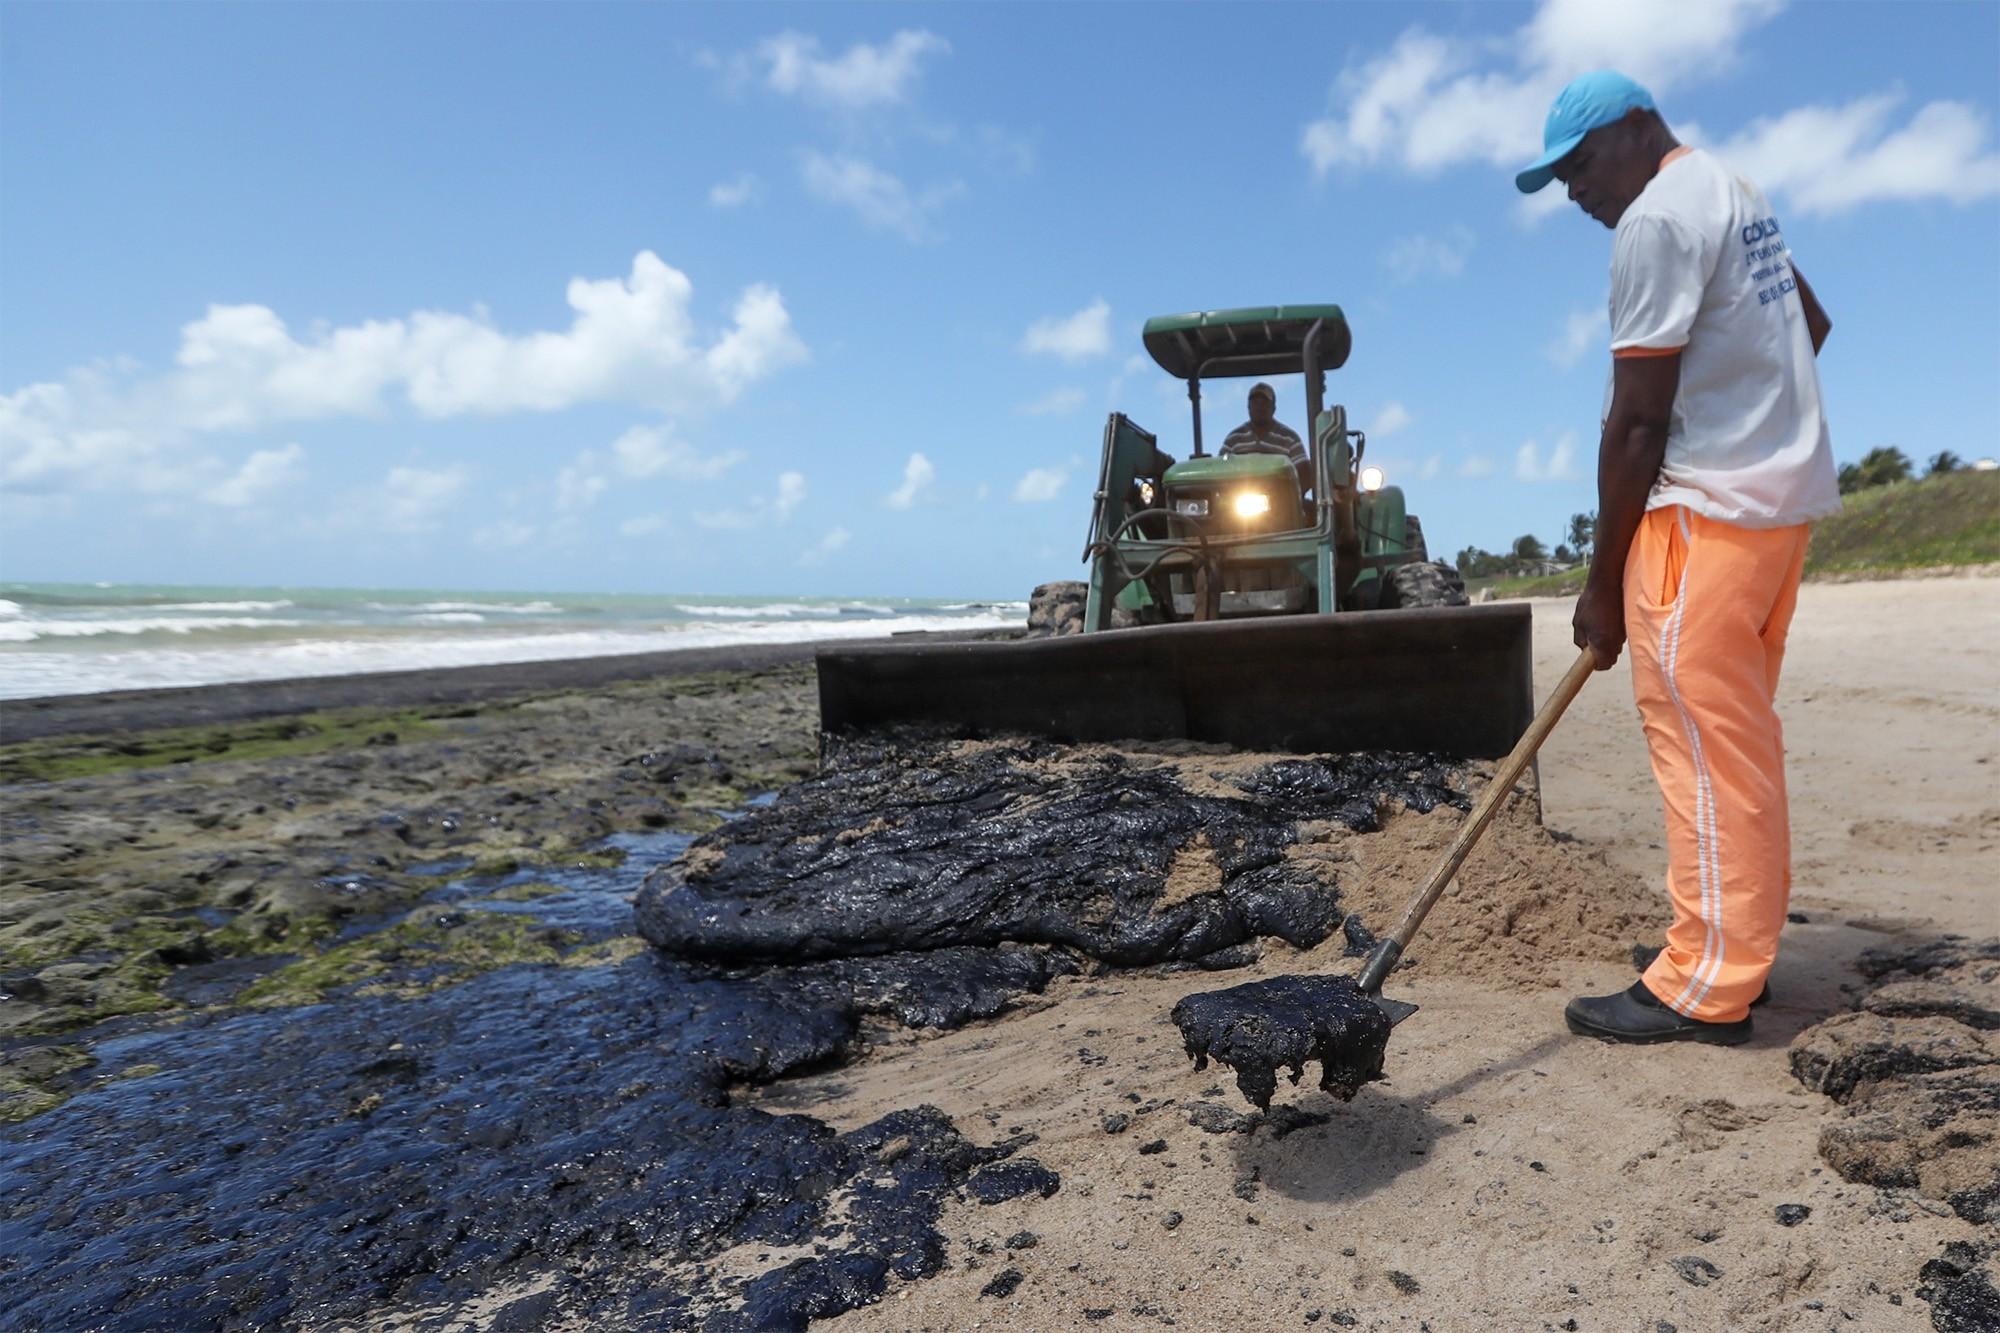 IMA orienta gestores municipais na limpeza de óleo em praias de Alagoas - Notícias - Plantão Diário